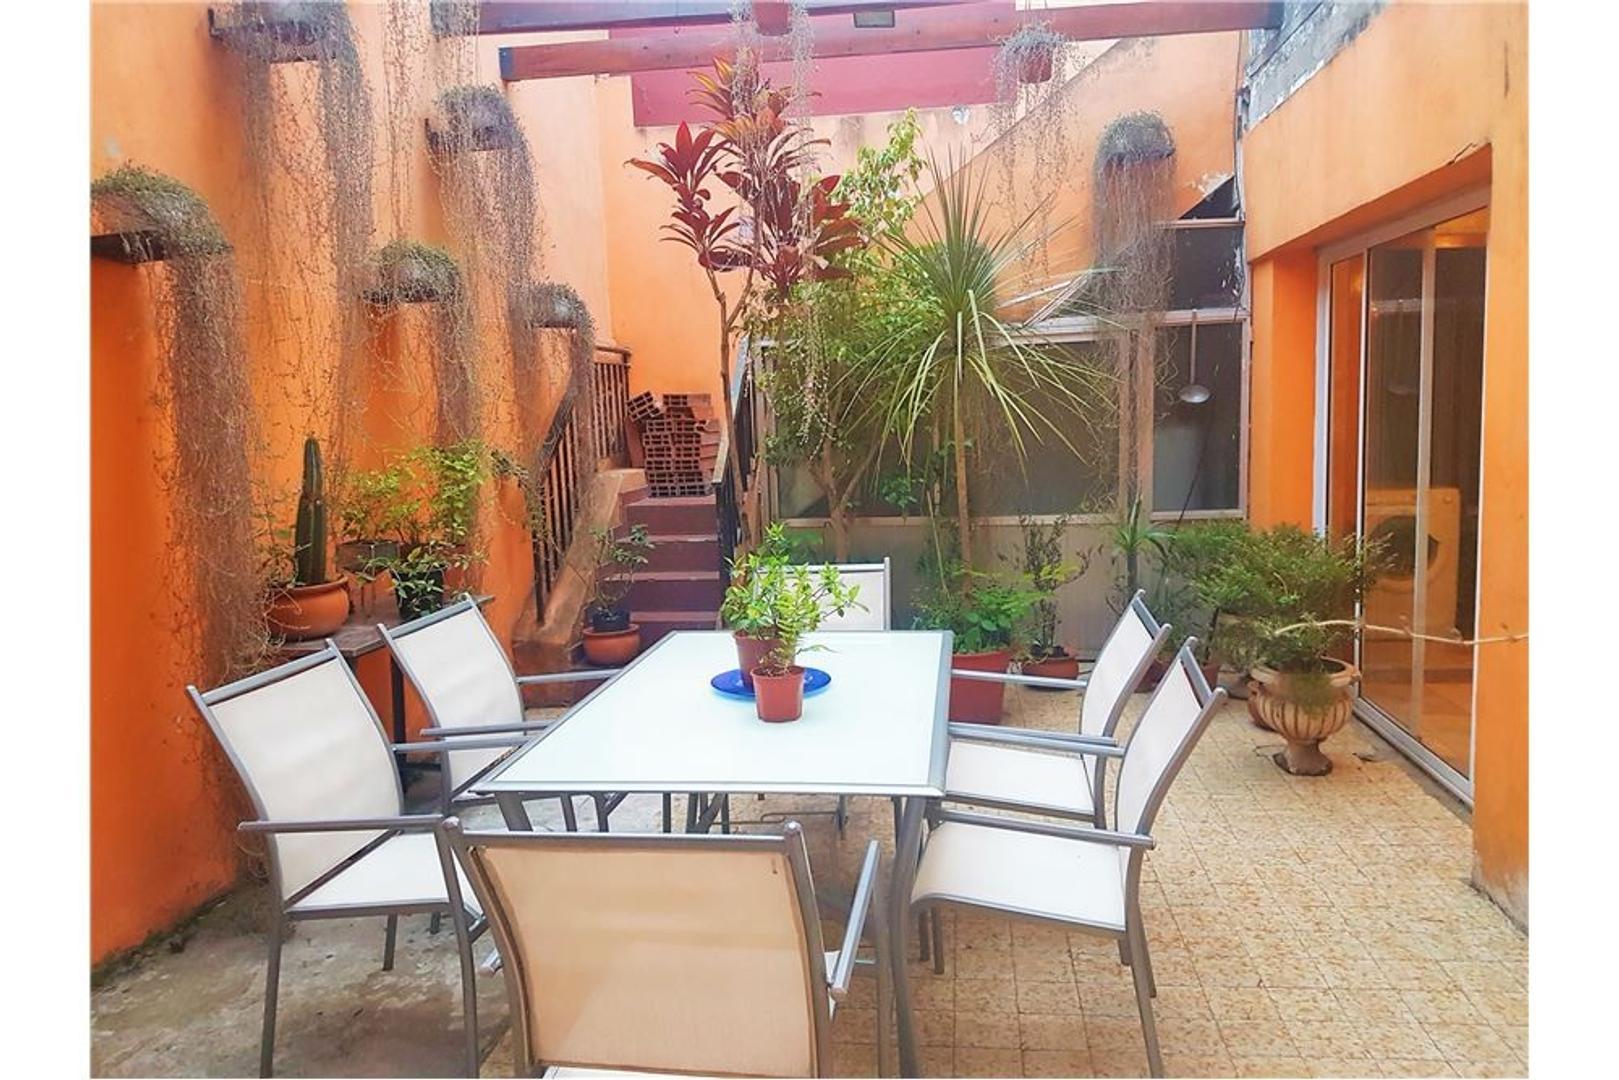 Casa 4 amb, c/coch, patio y tza. Villa del Parque.